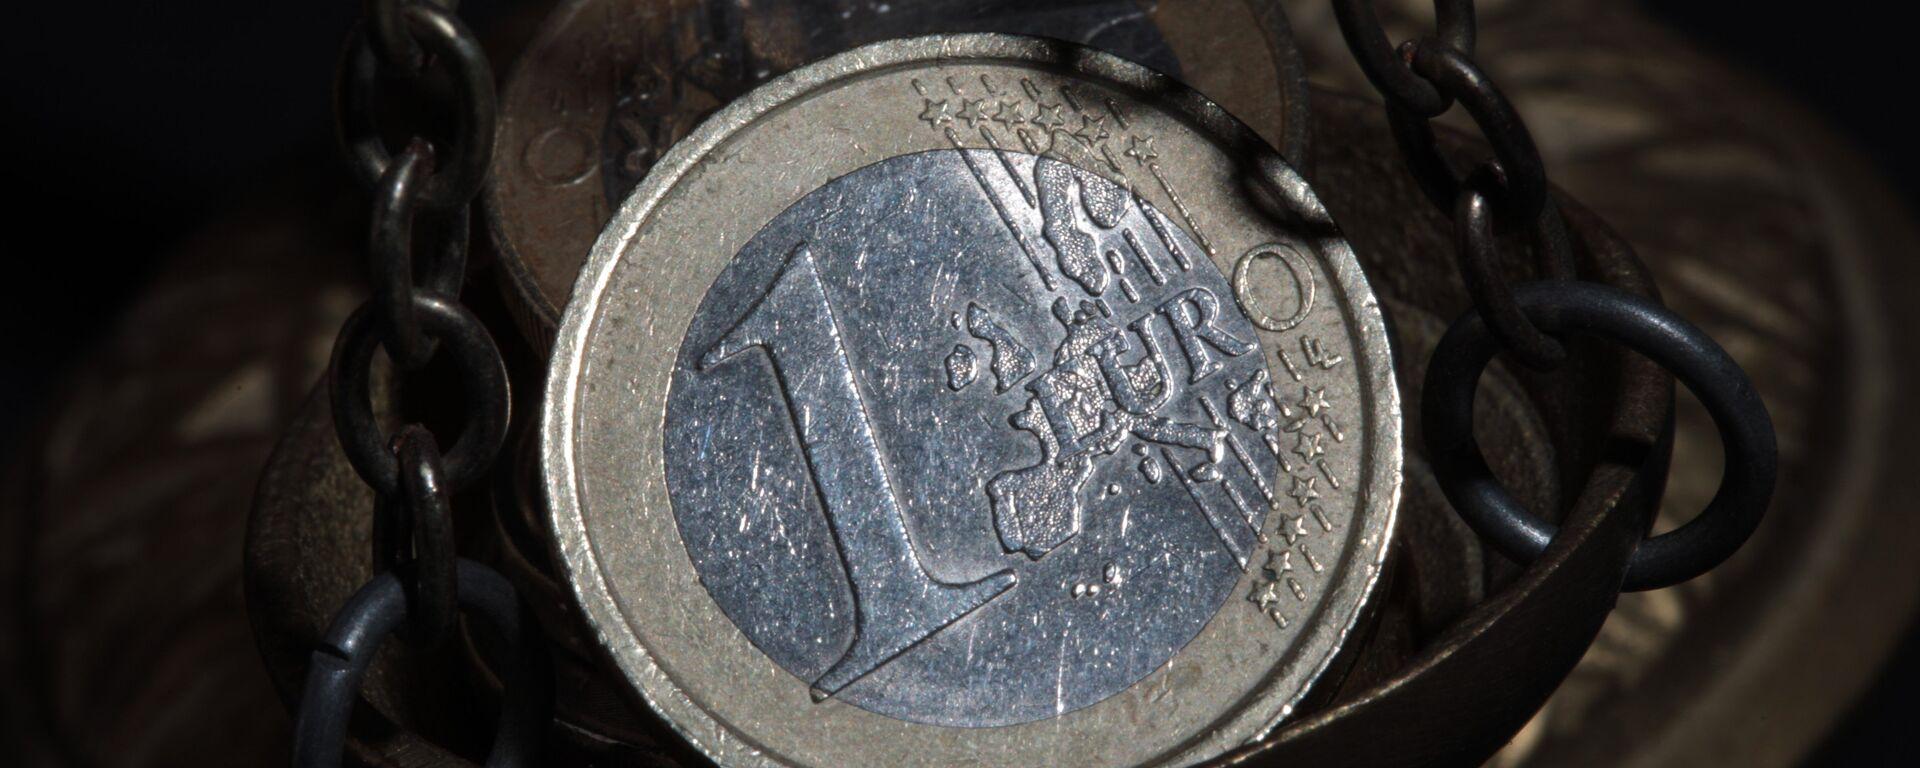 Один Евро - Sputnik Латвия, 1920, 09.10.2020